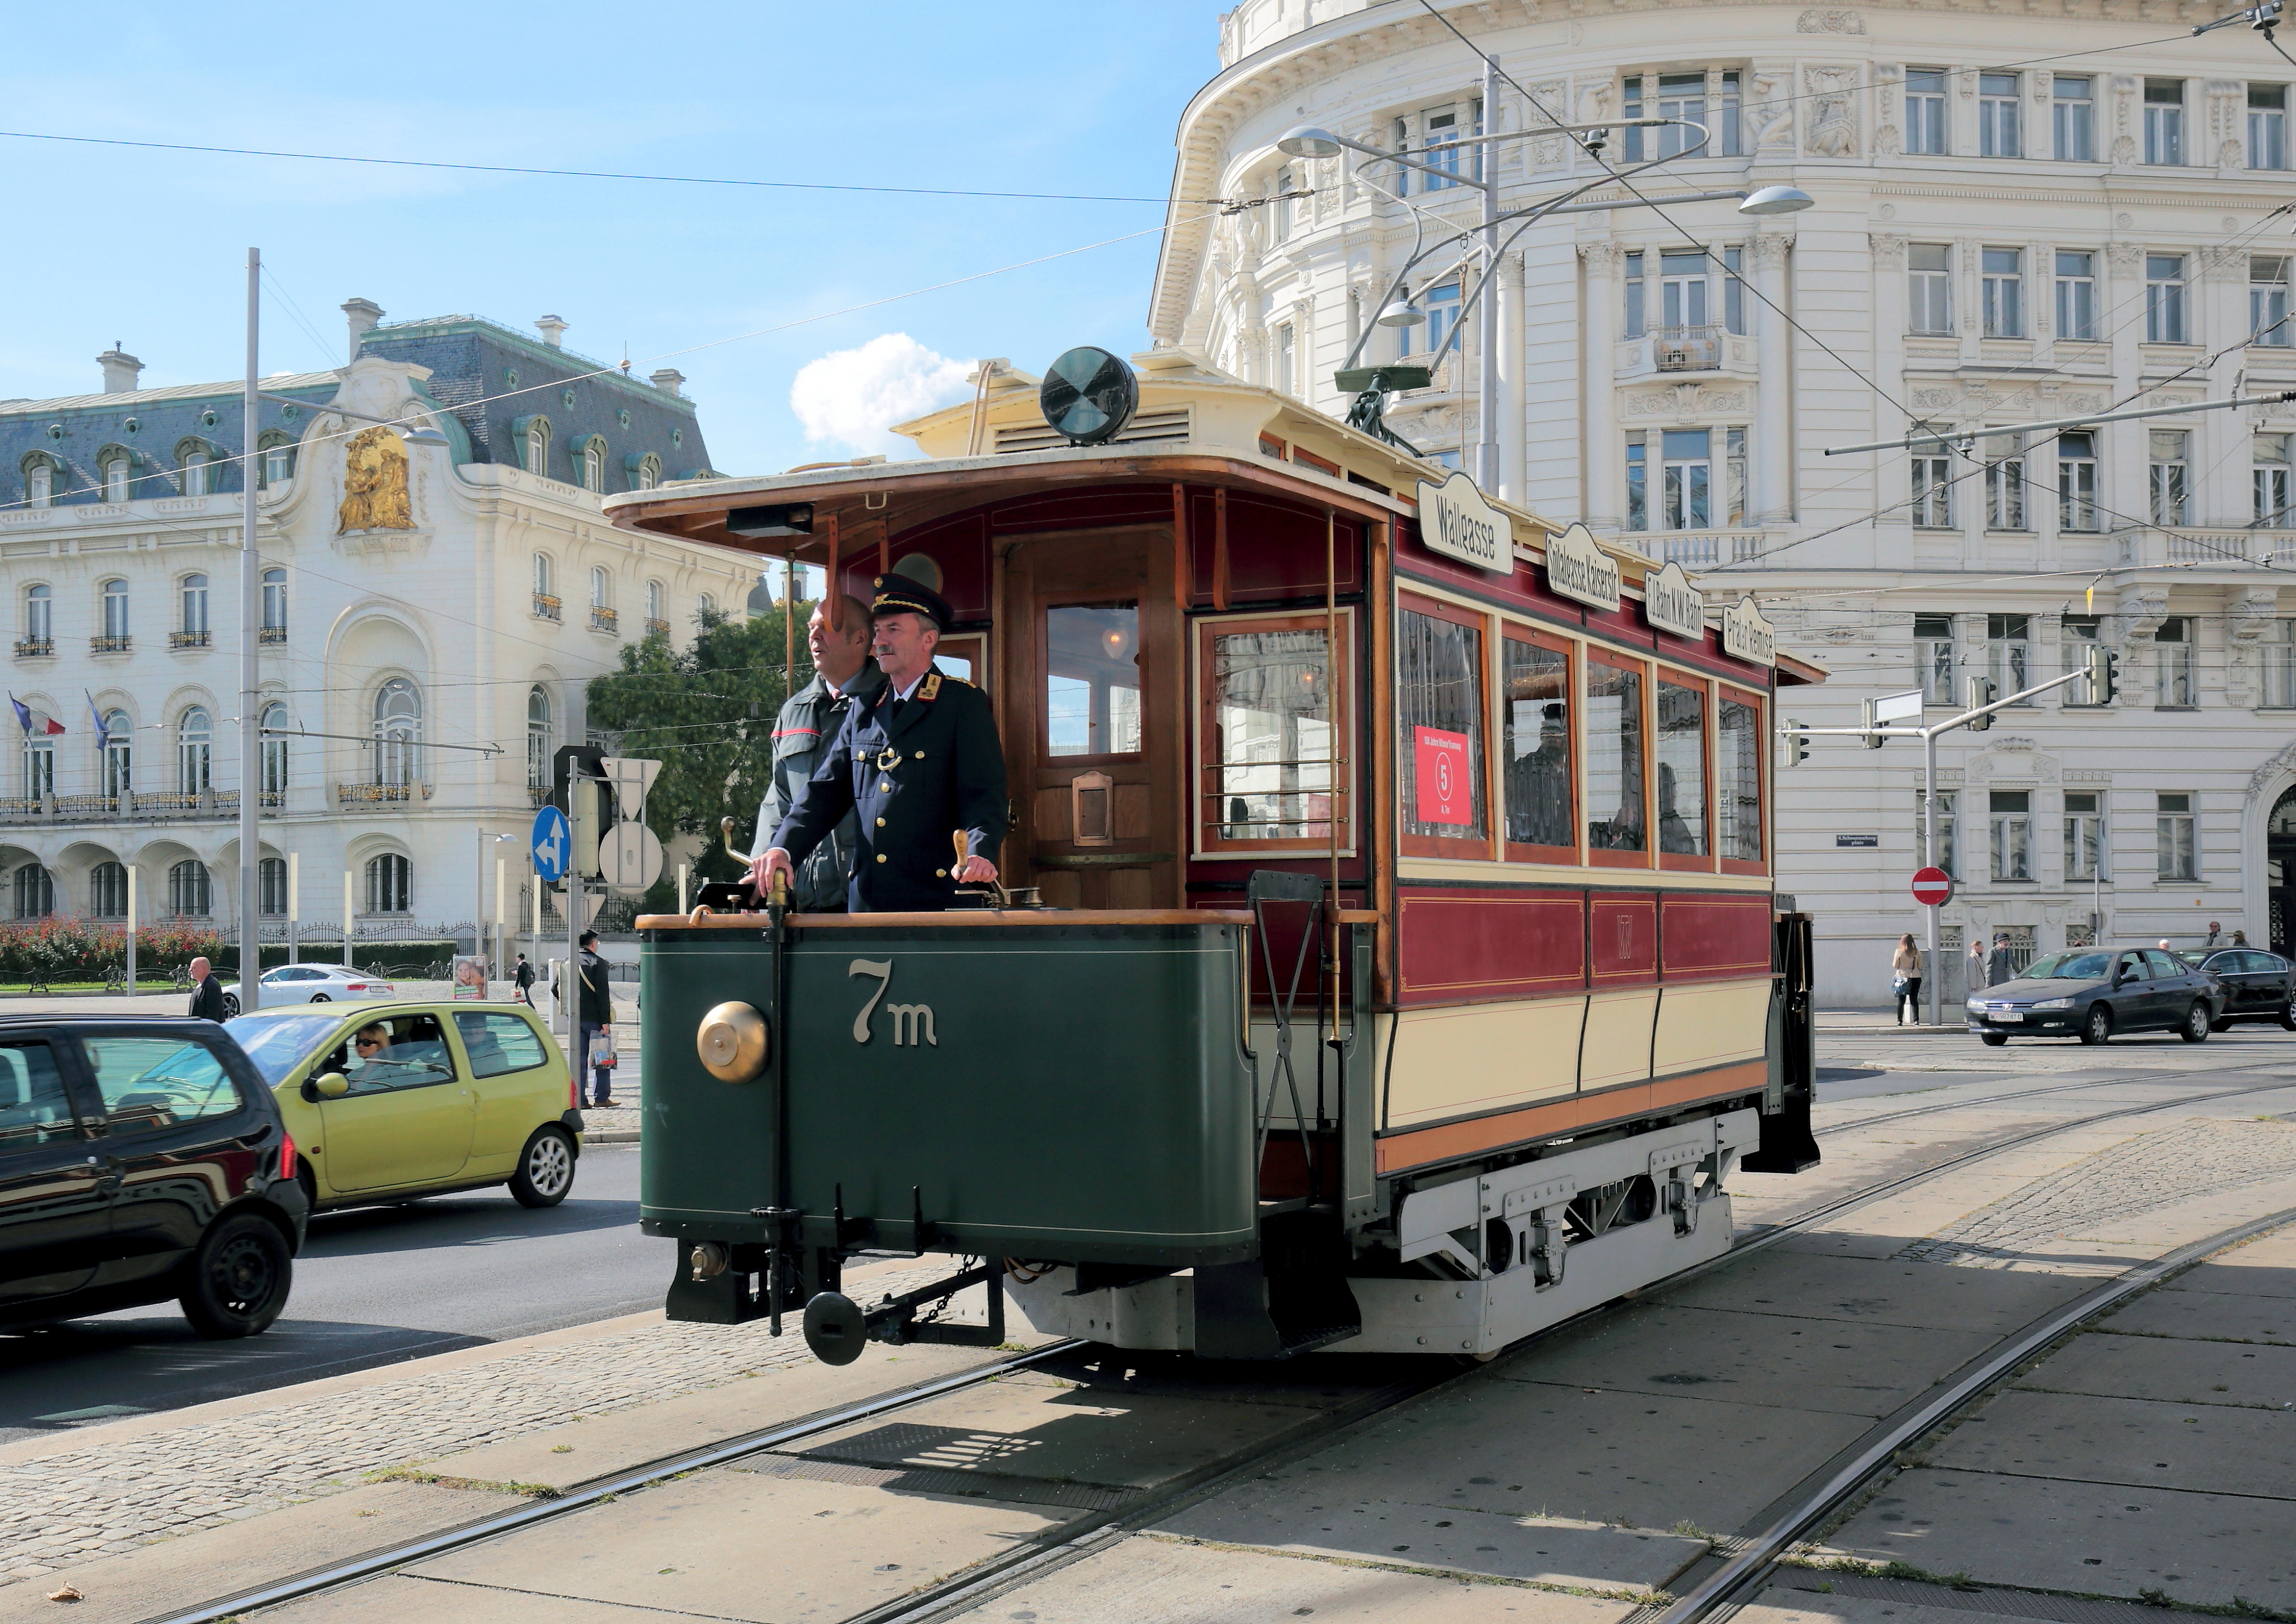 Straßenbahn Wien Wikipedia